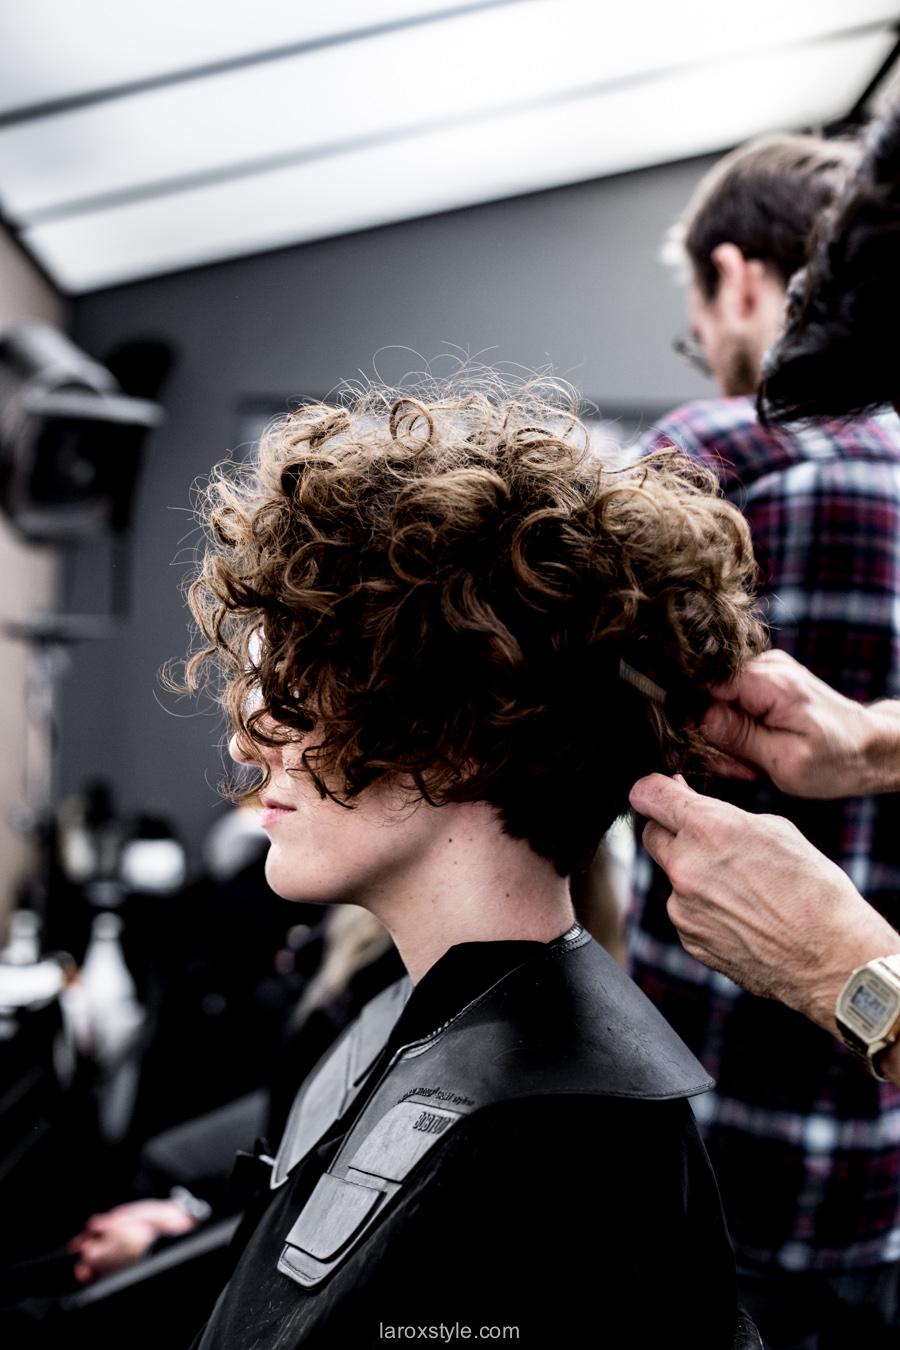 J'ai osé la coupe courte sur cheveux bouclés avec La Loge ! - LaRoxStyle